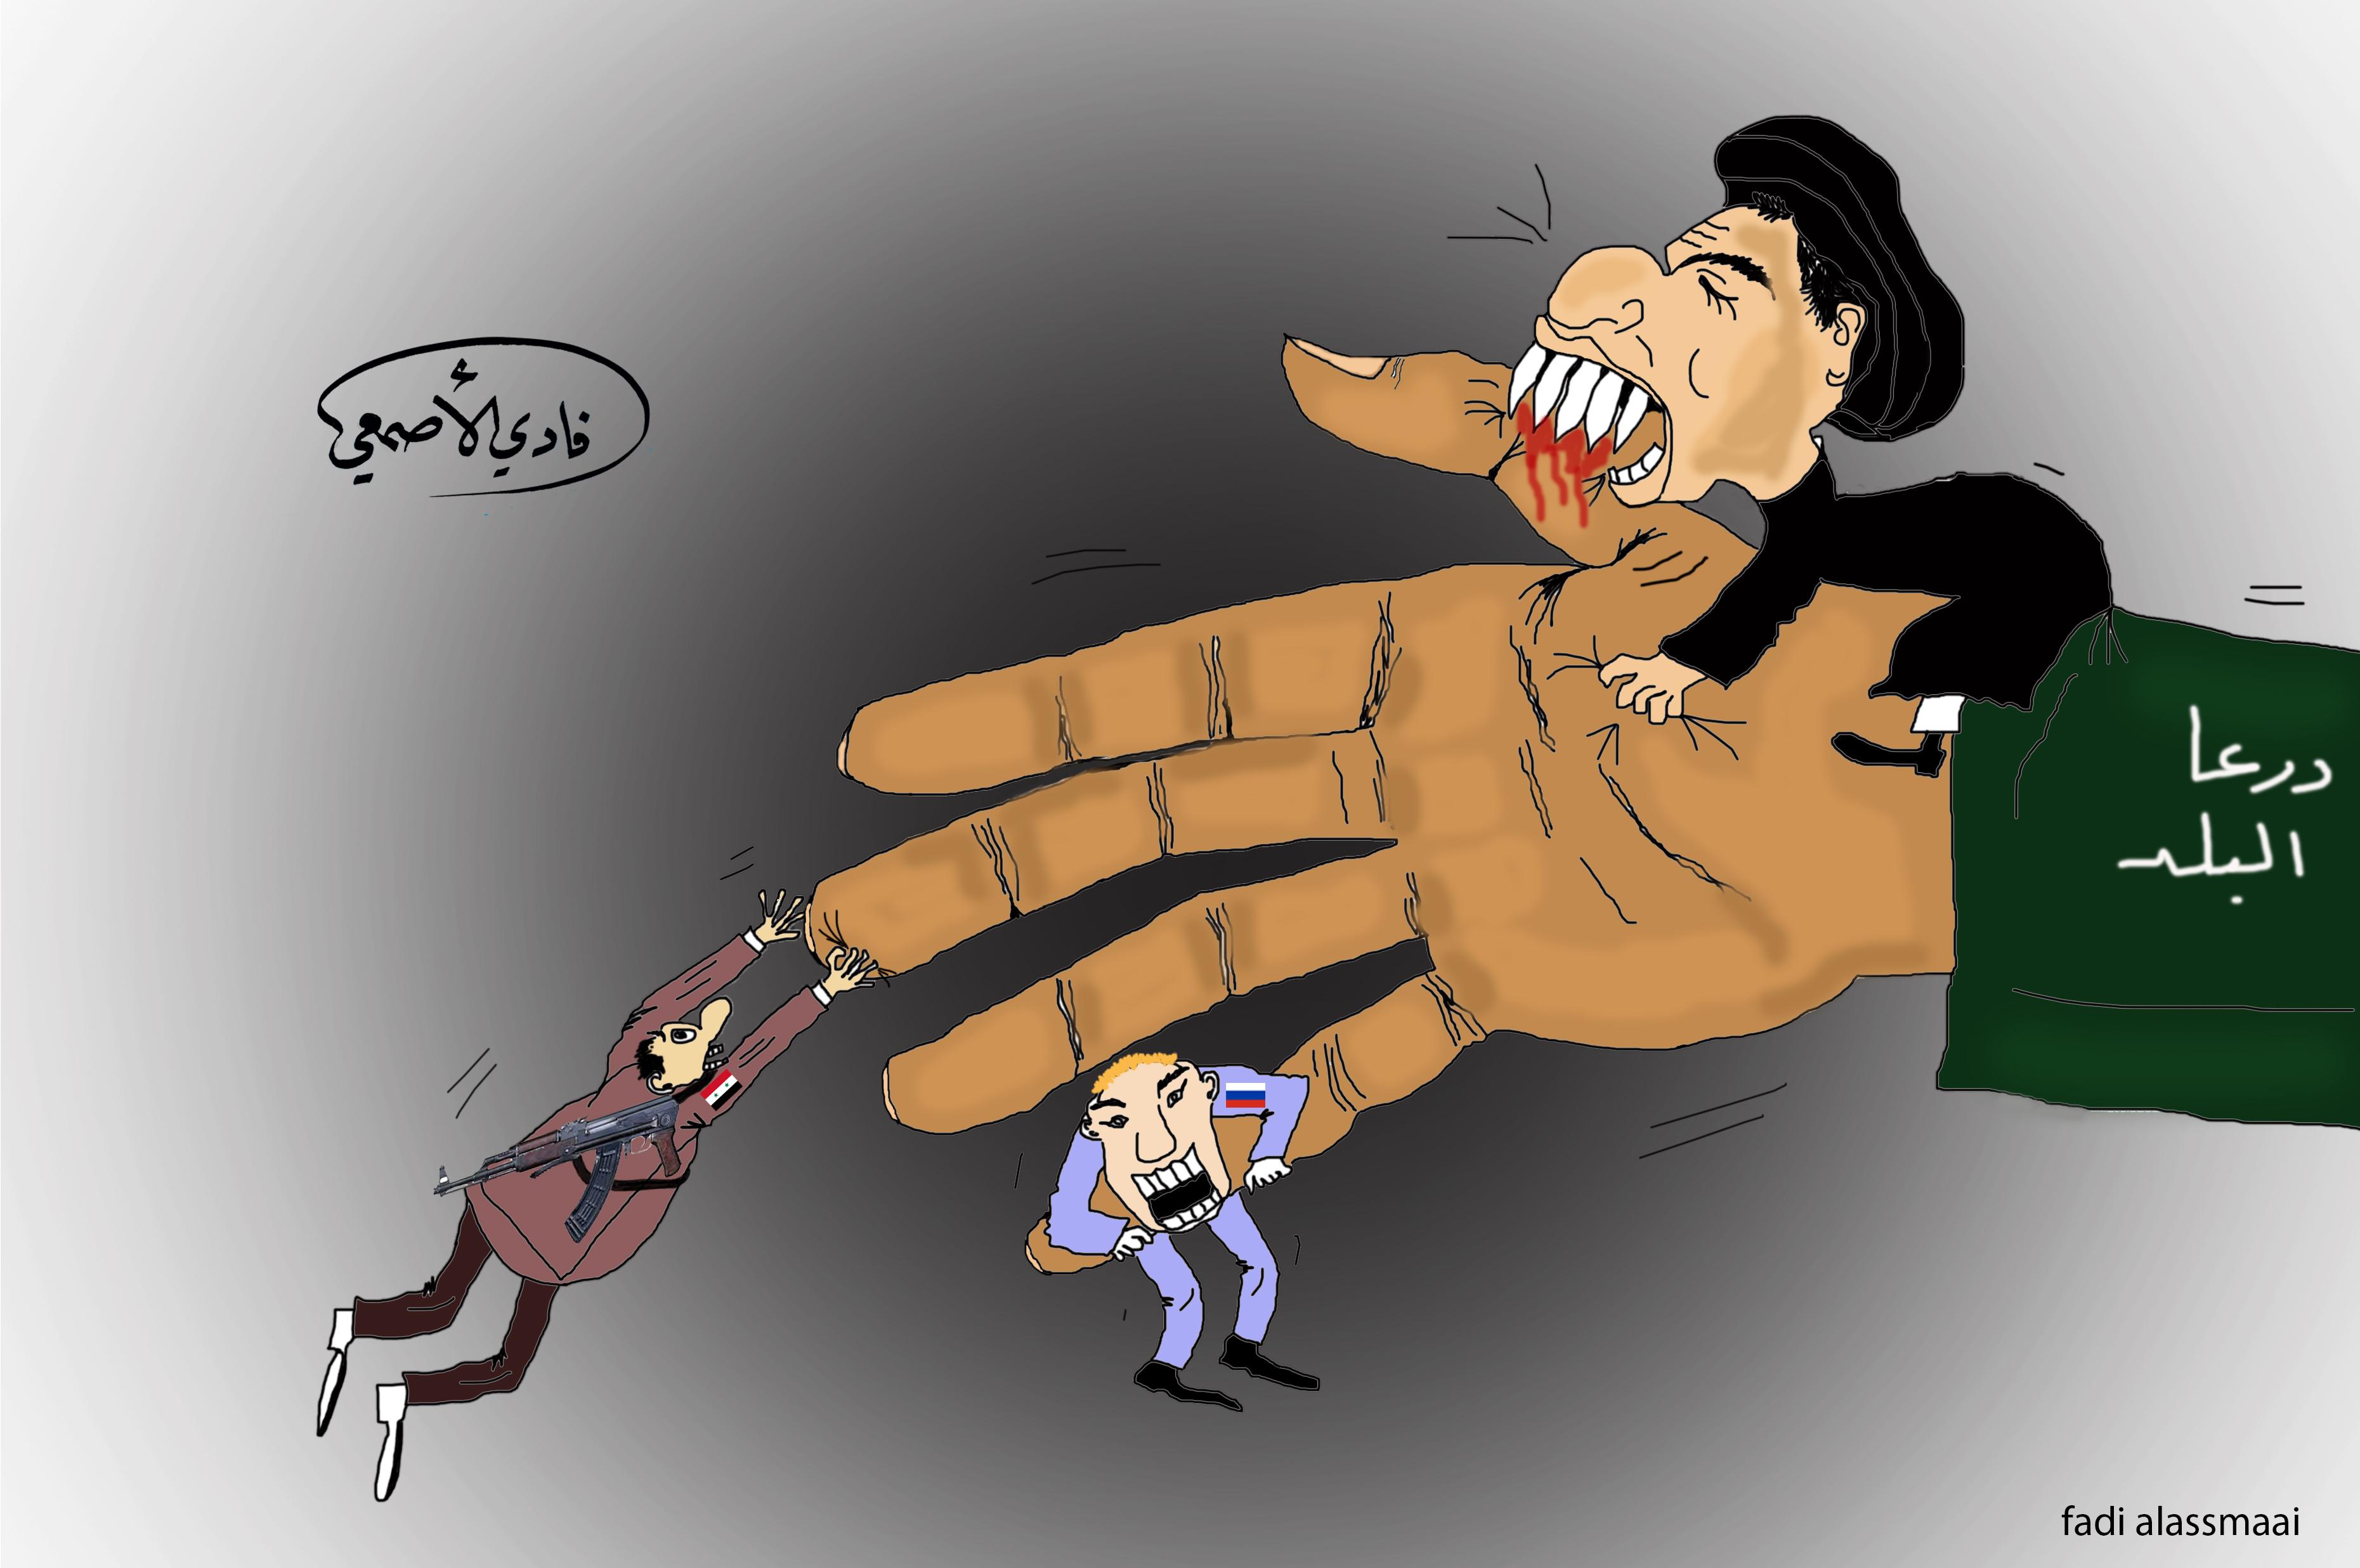 كاريكاتير: كثرة الاتفاقيات في درعا البلد وسبب فشلها(خاص بالسوري اليوم)